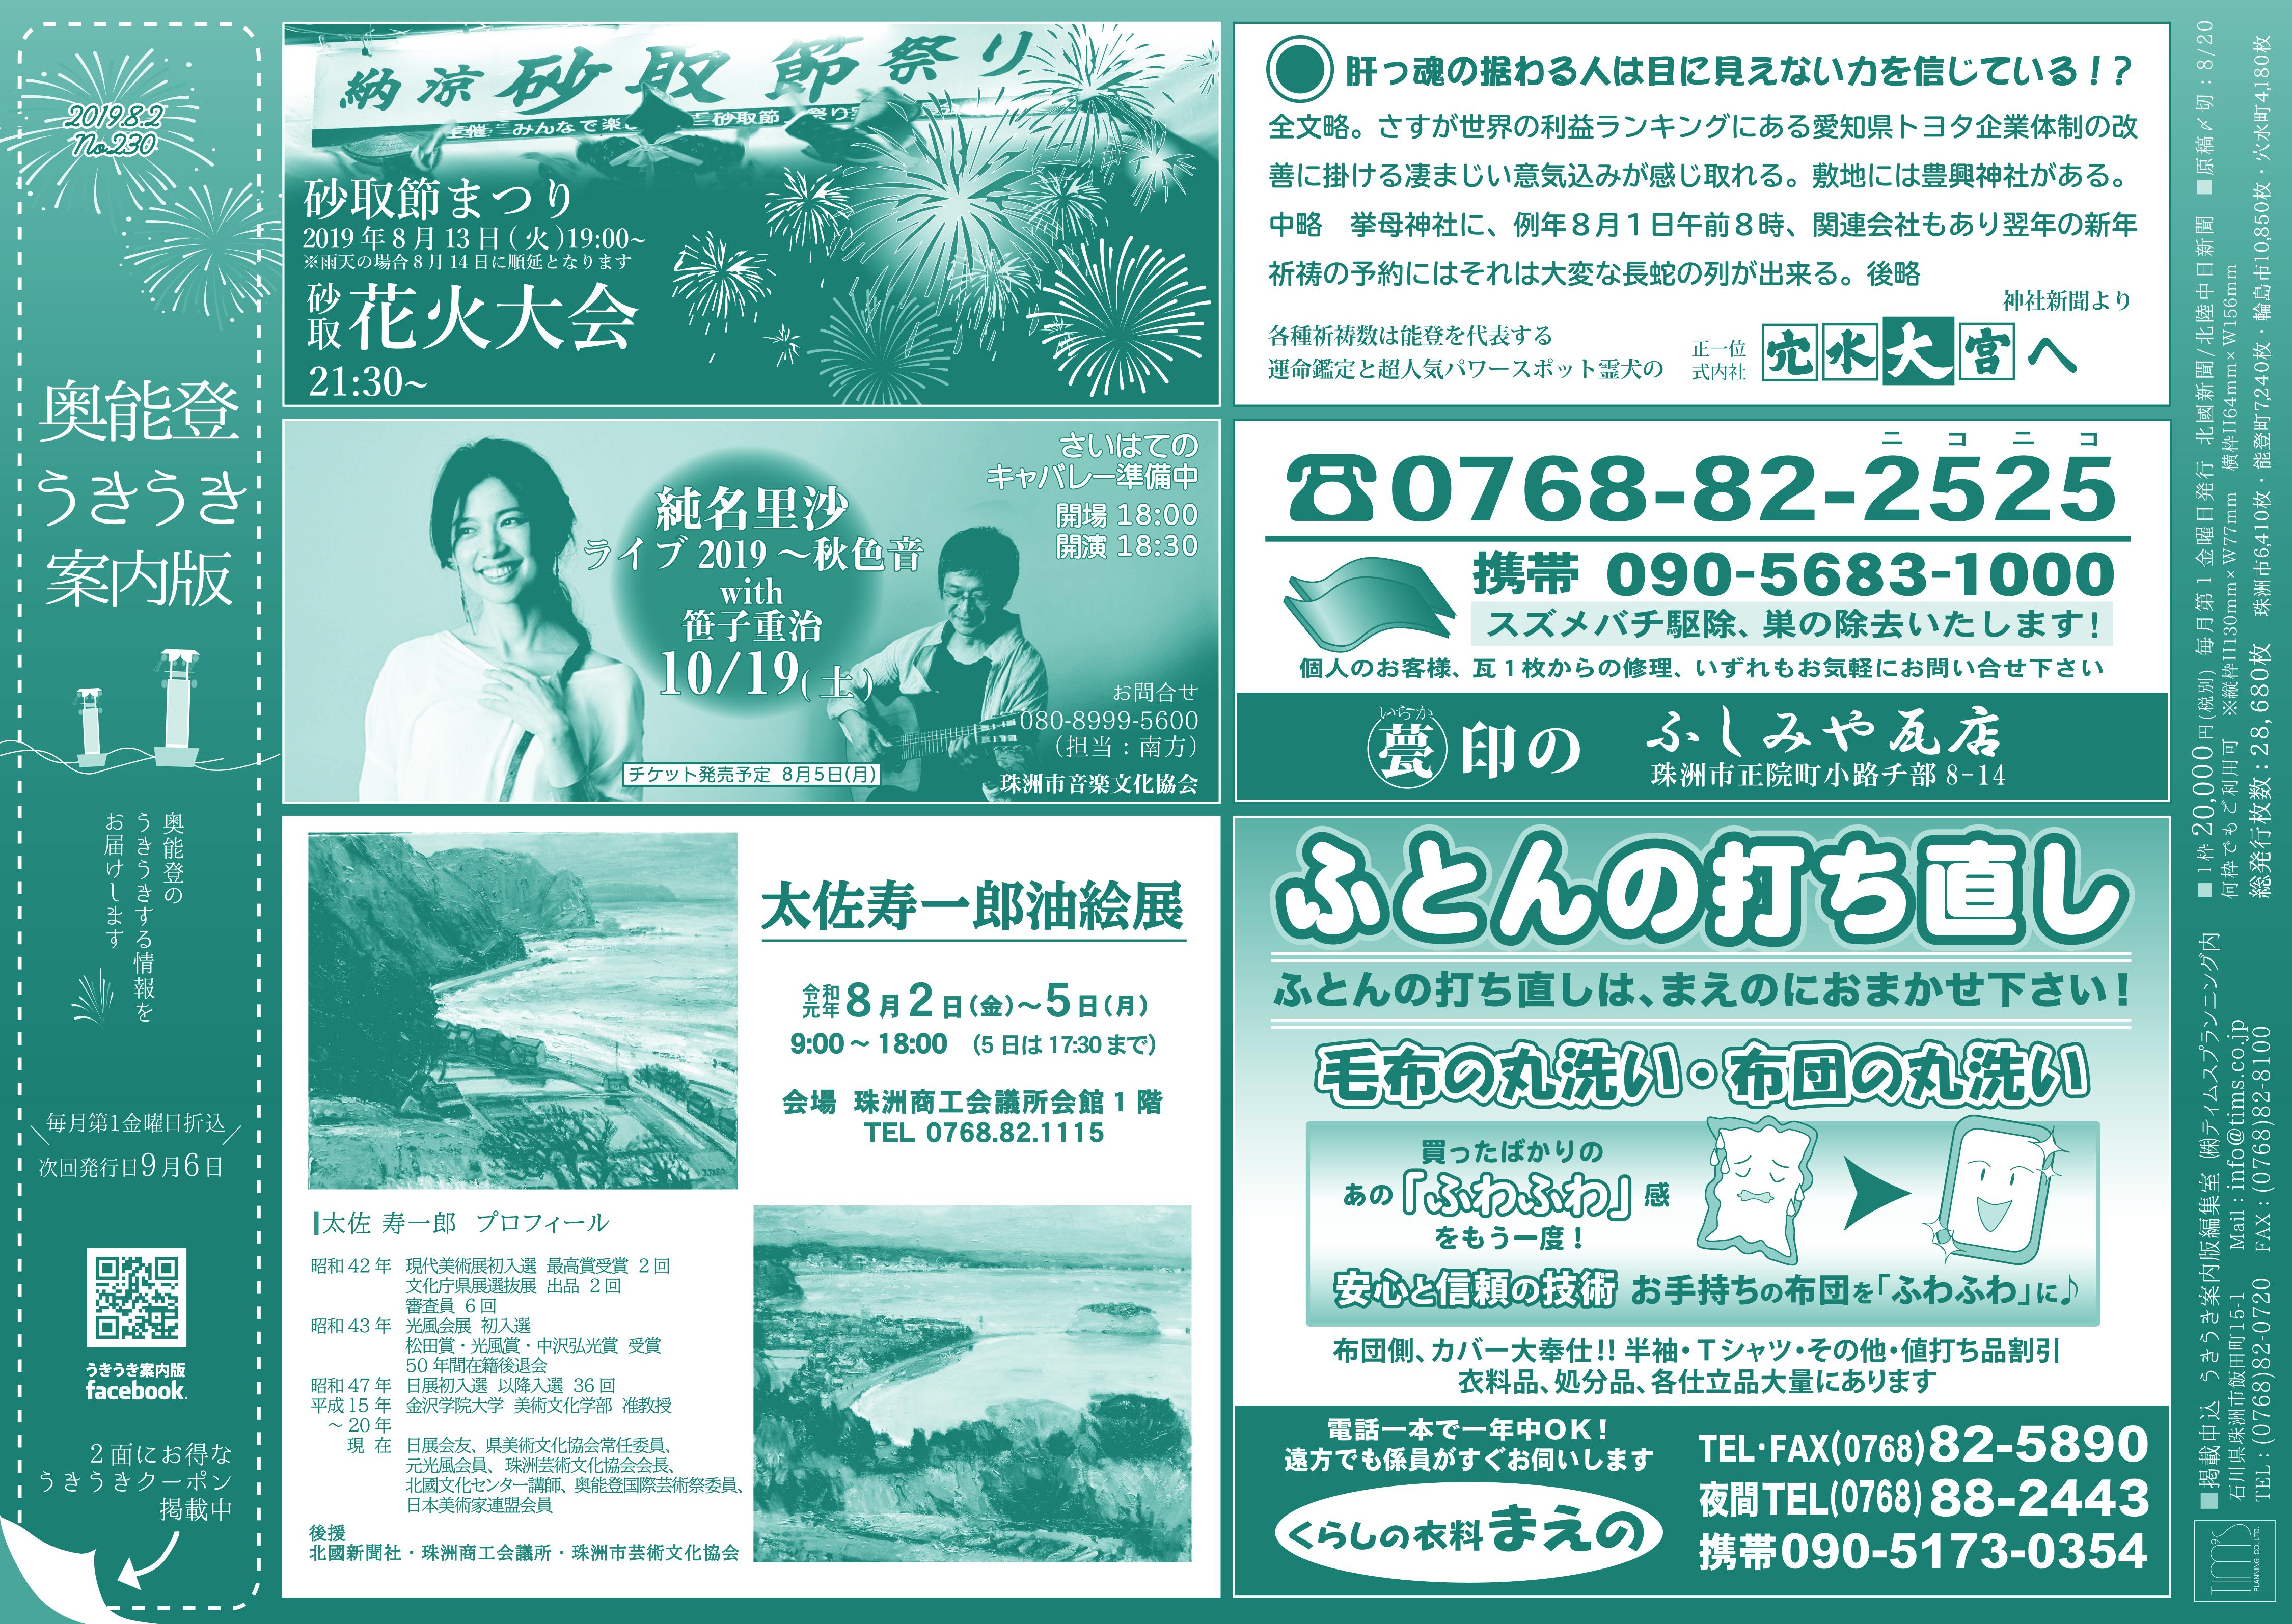 奥能登うきうき案内版No.230